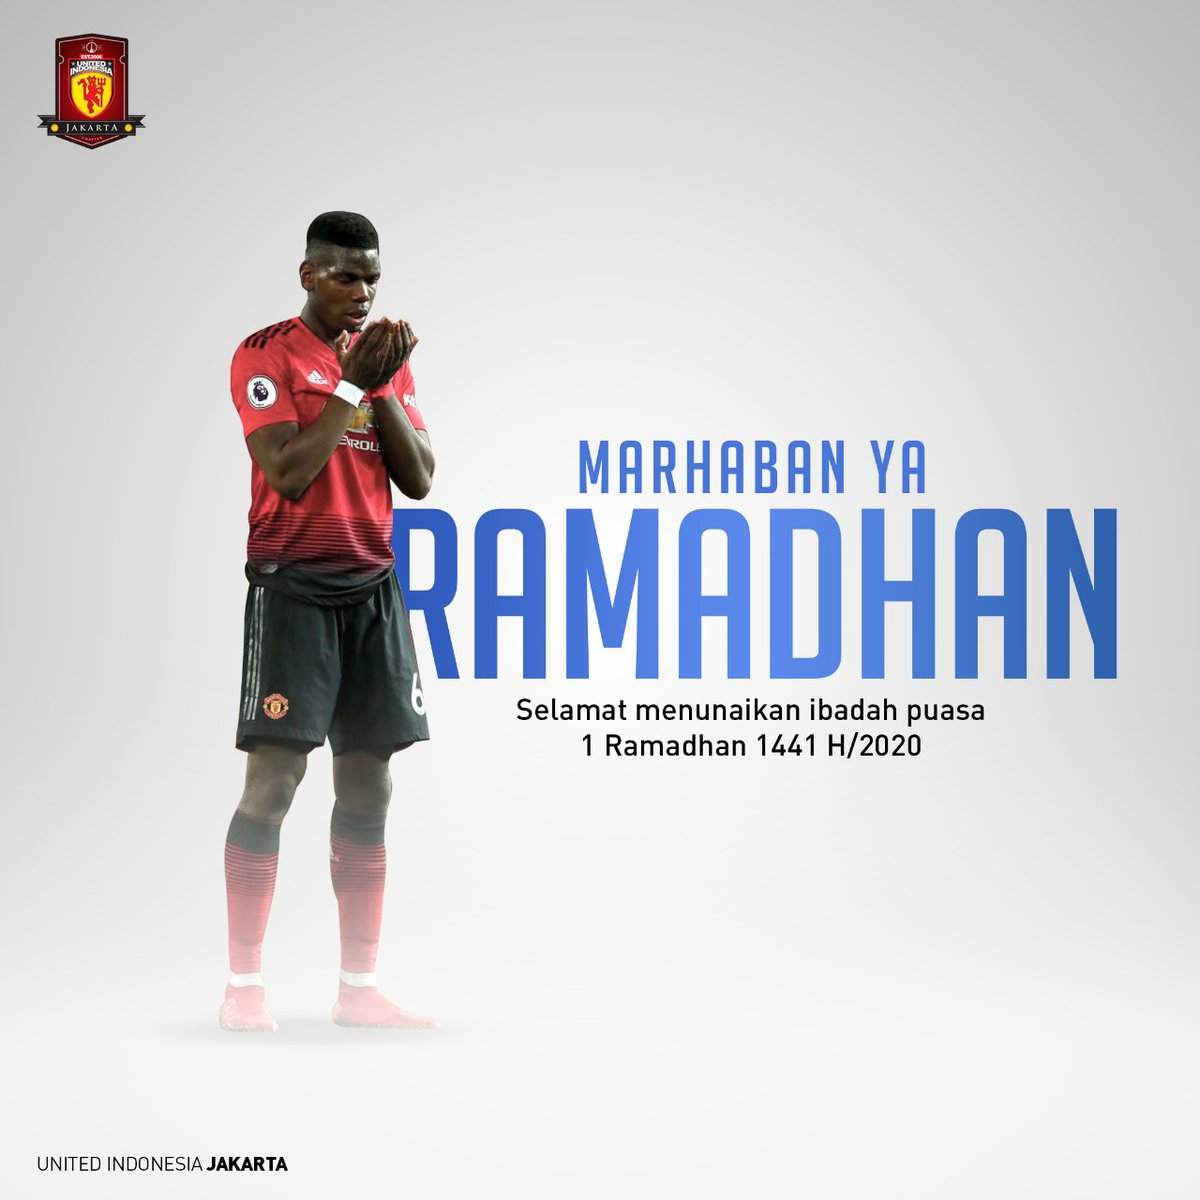 Marhaban ya Ramadhan, selamat menunaikan ibadah Tarawih dan berpuasa teman-teman #UIJKT dan jangan lupa beribadah nya #DirumahAja   #UiJktFamily https://t.co/mU7E4Vyp3t